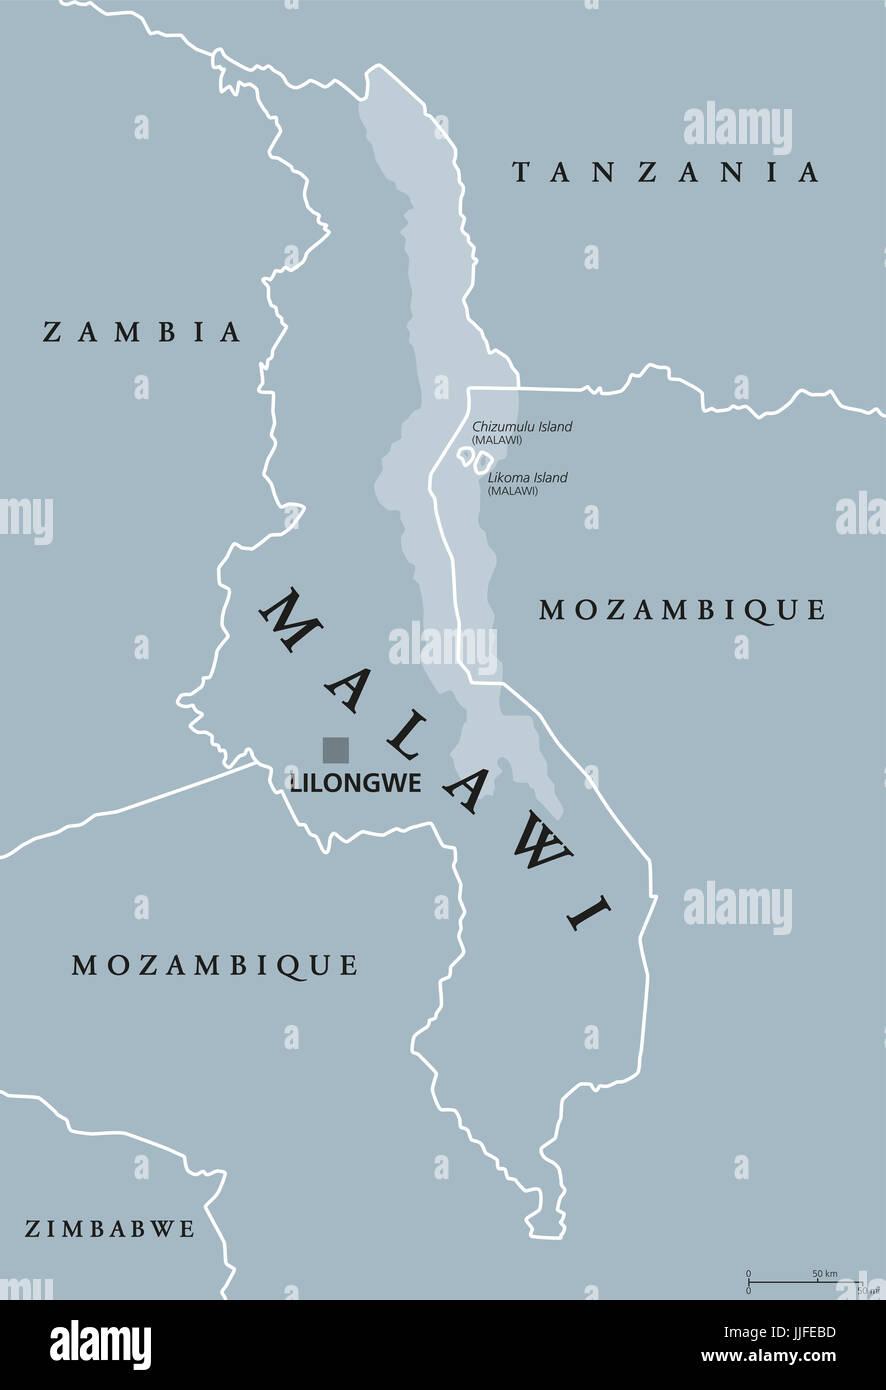 Lake Malawi Africa Map.Malawi Political Map With Capital Lilongwe Republic Landlocked